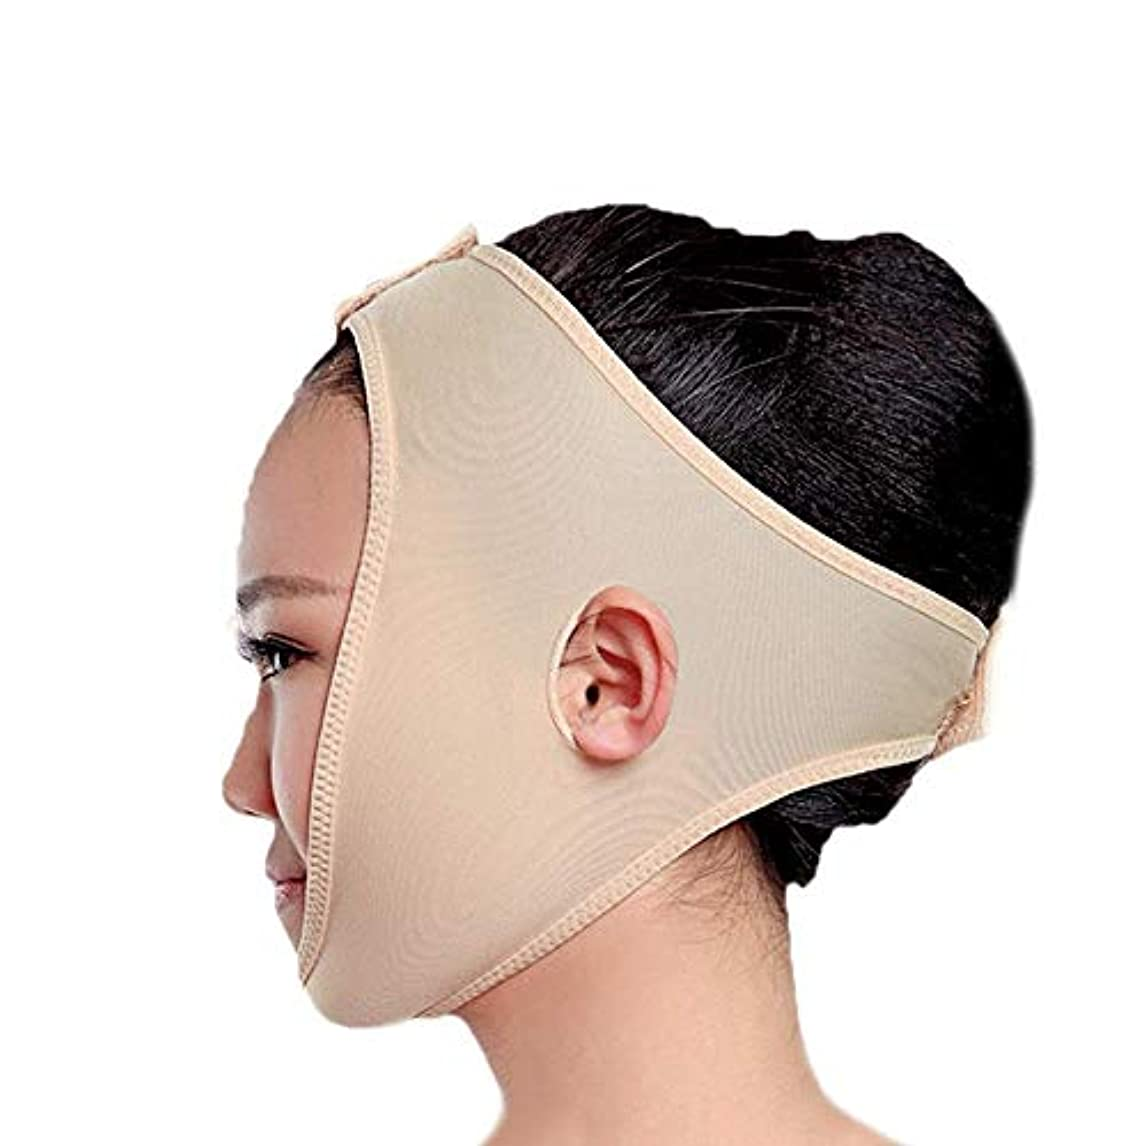 よろめく放射する喜びフェイススリミングマスク、快適さと通気性、フェイシャルリフティング、輪郭の改善された硬さ、ファーミングとリフティングフェイス(カラー:ブラック、サイズ:XL),黄色がかったピンク2、XXL